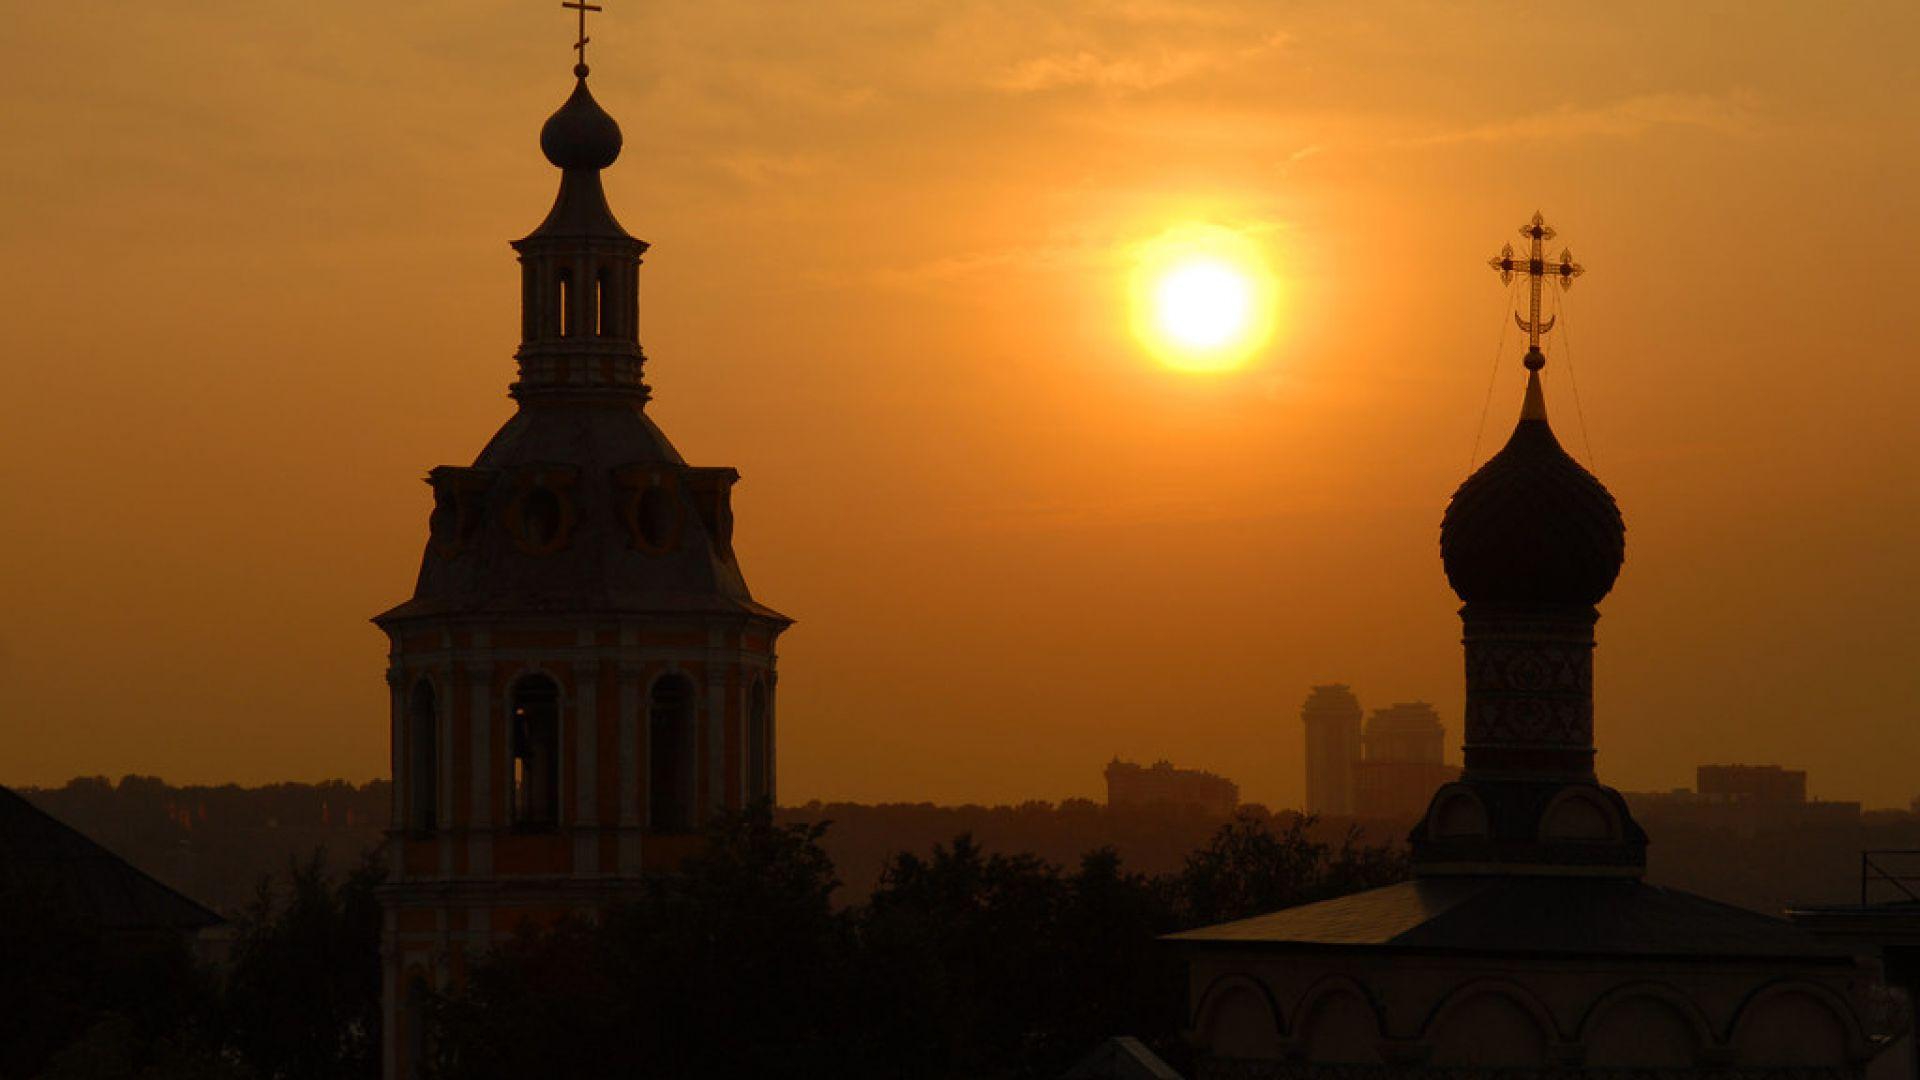 Температурно дерби в Москва: под въпрос е уникален рекорд